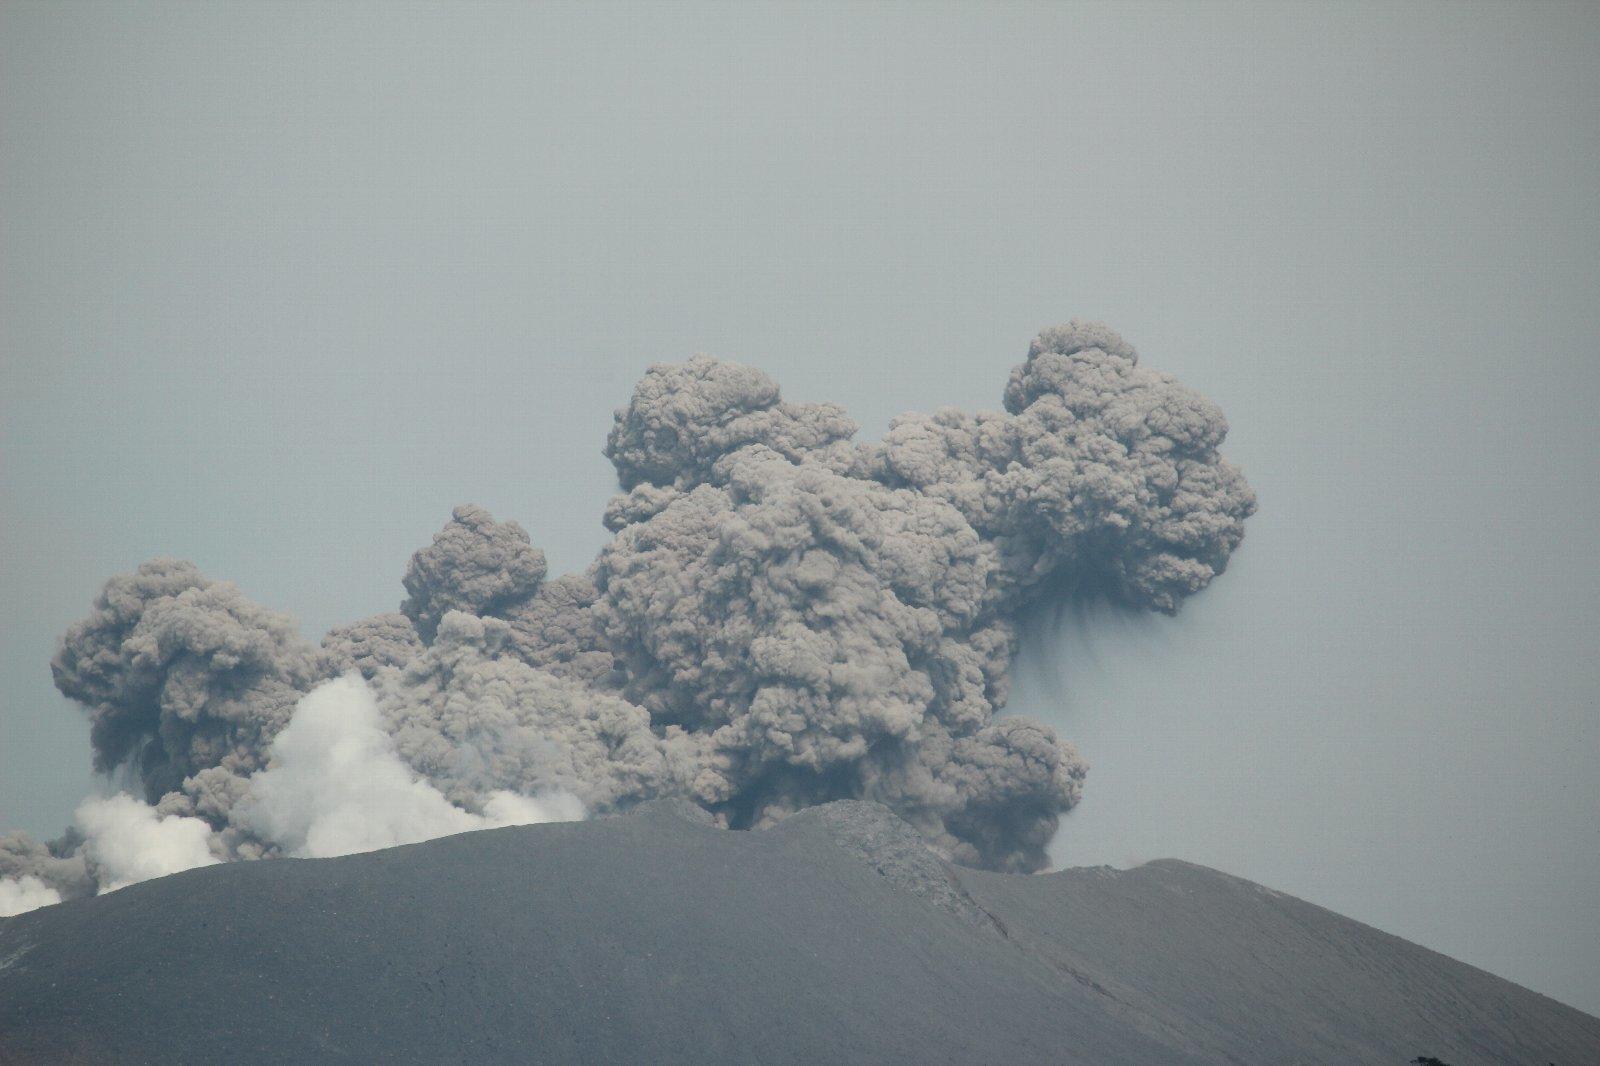 3月12日の太陽 新燃岳の噴火!_e0174091_15231696.jpg